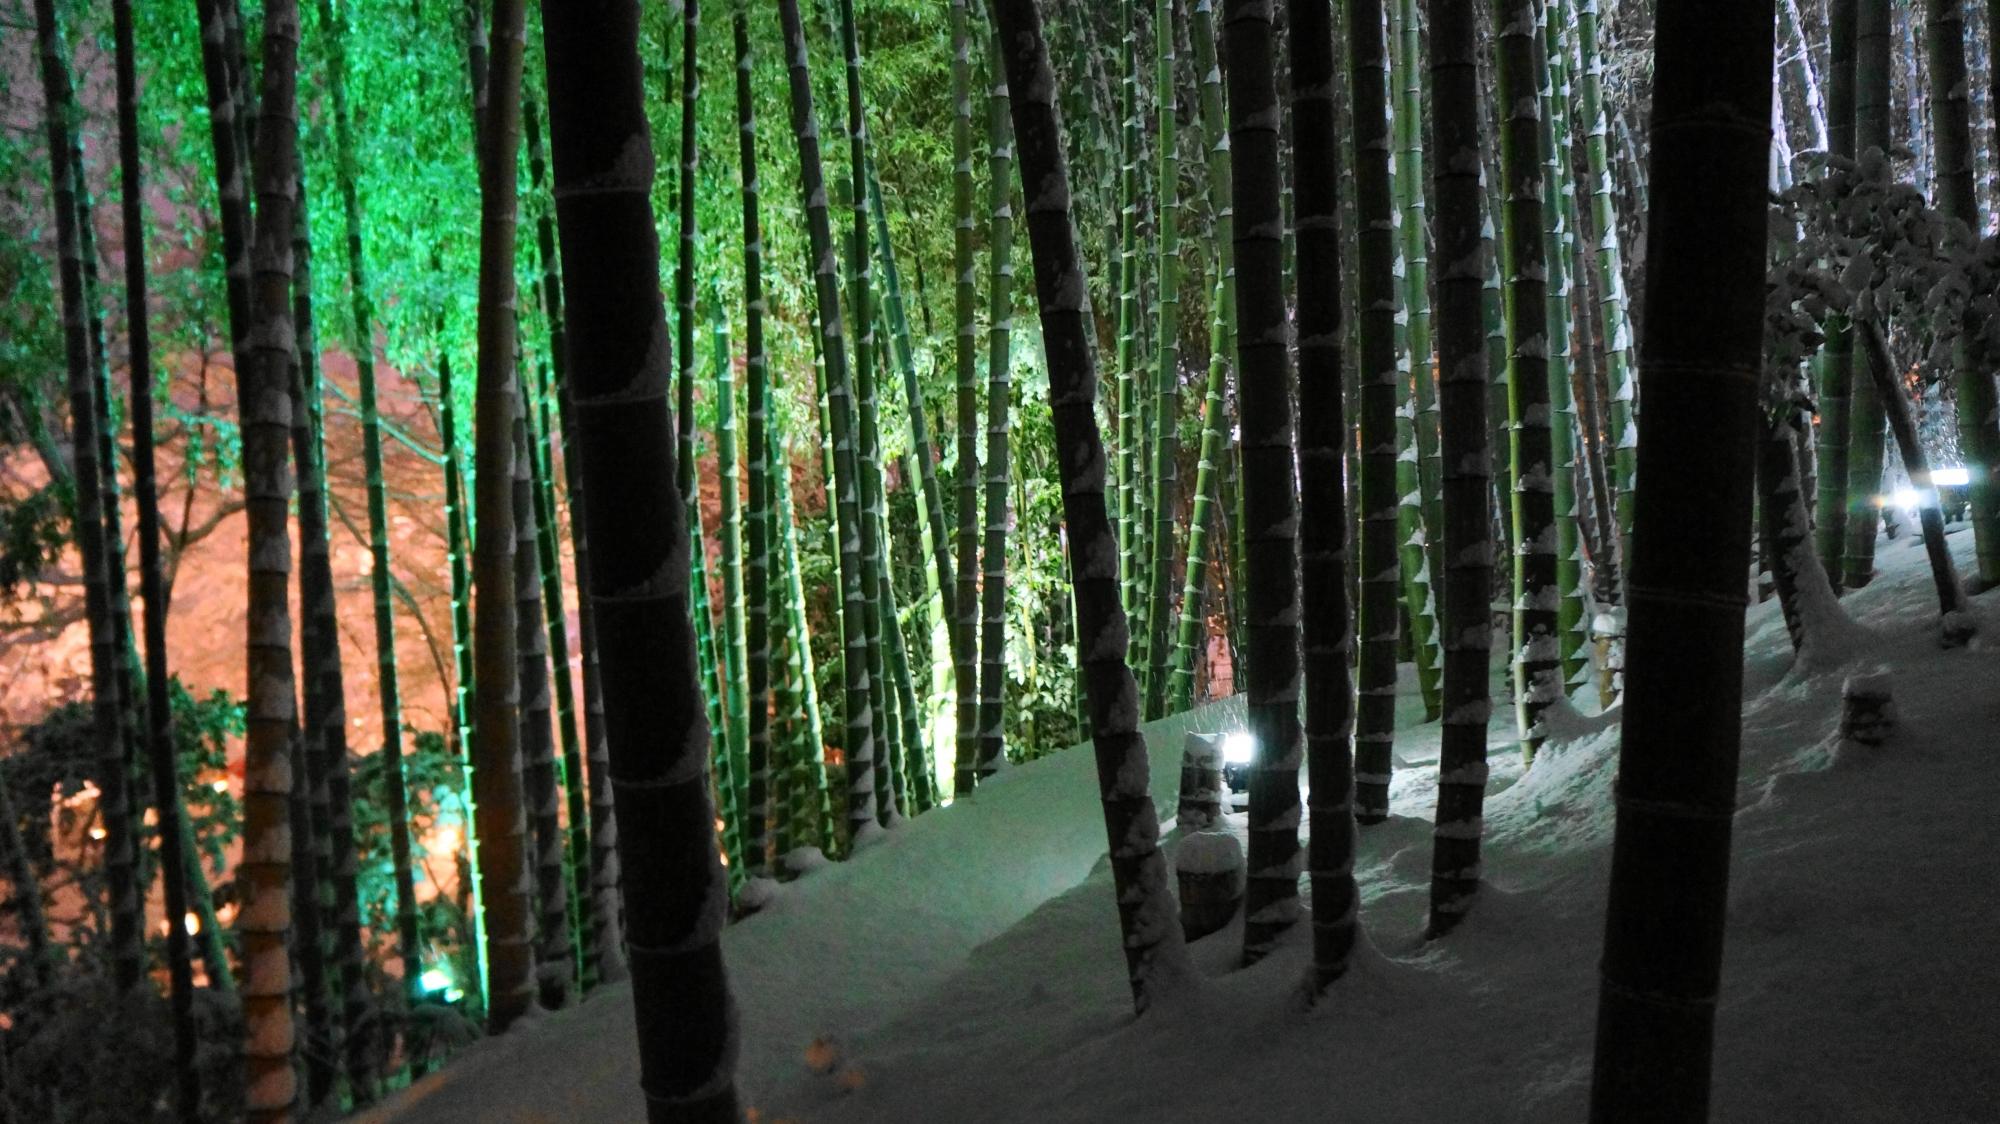 高台寺のライトに照らされ浮かび上がる雪の竹林や木々